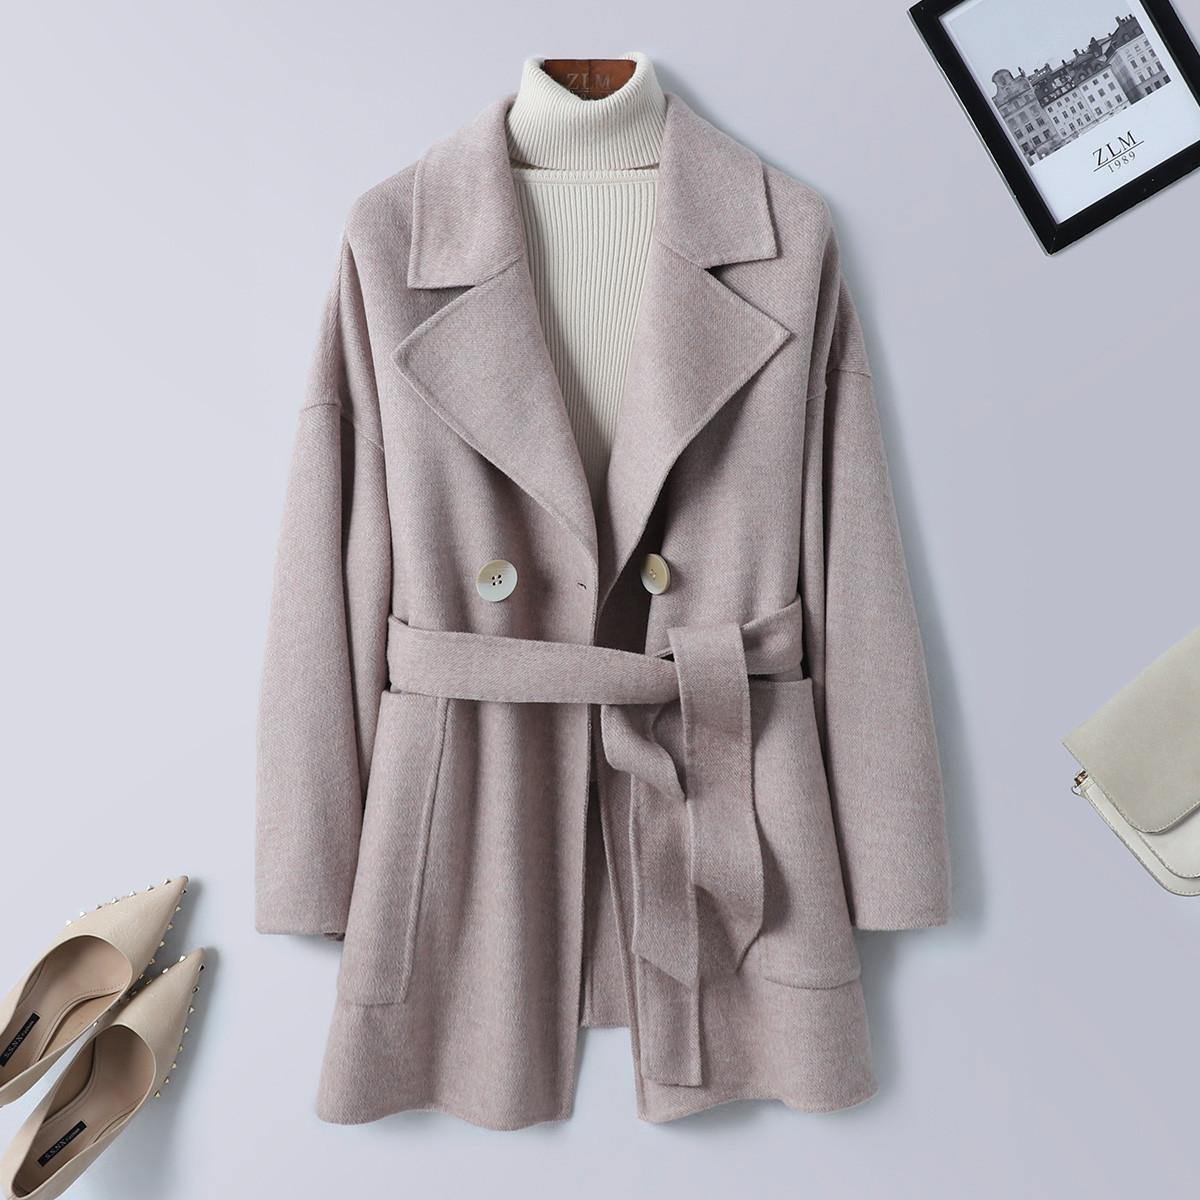 紫澜门冬羊毛翻领系带宽松落肩袖H型女装双面呢外套3201313K41402